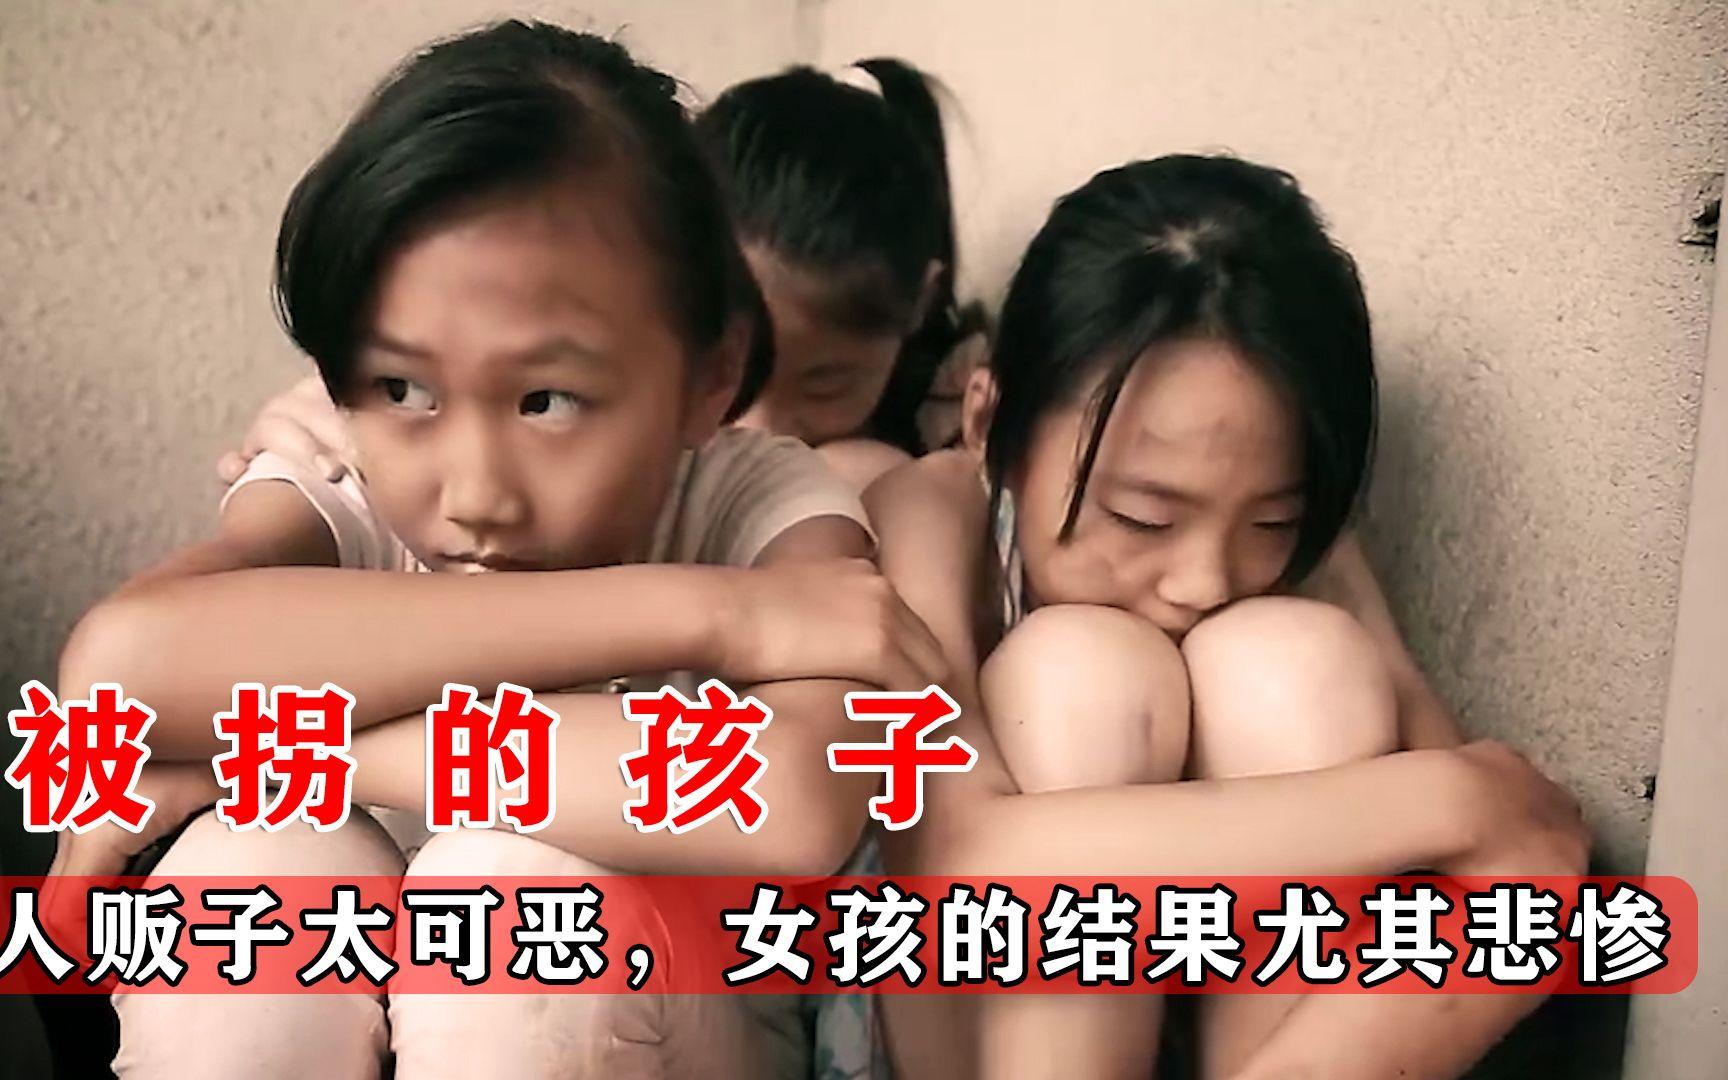 被拐的孩子是什么下场?大多数人想的太简单,女孩的结果比男孩更悲惨